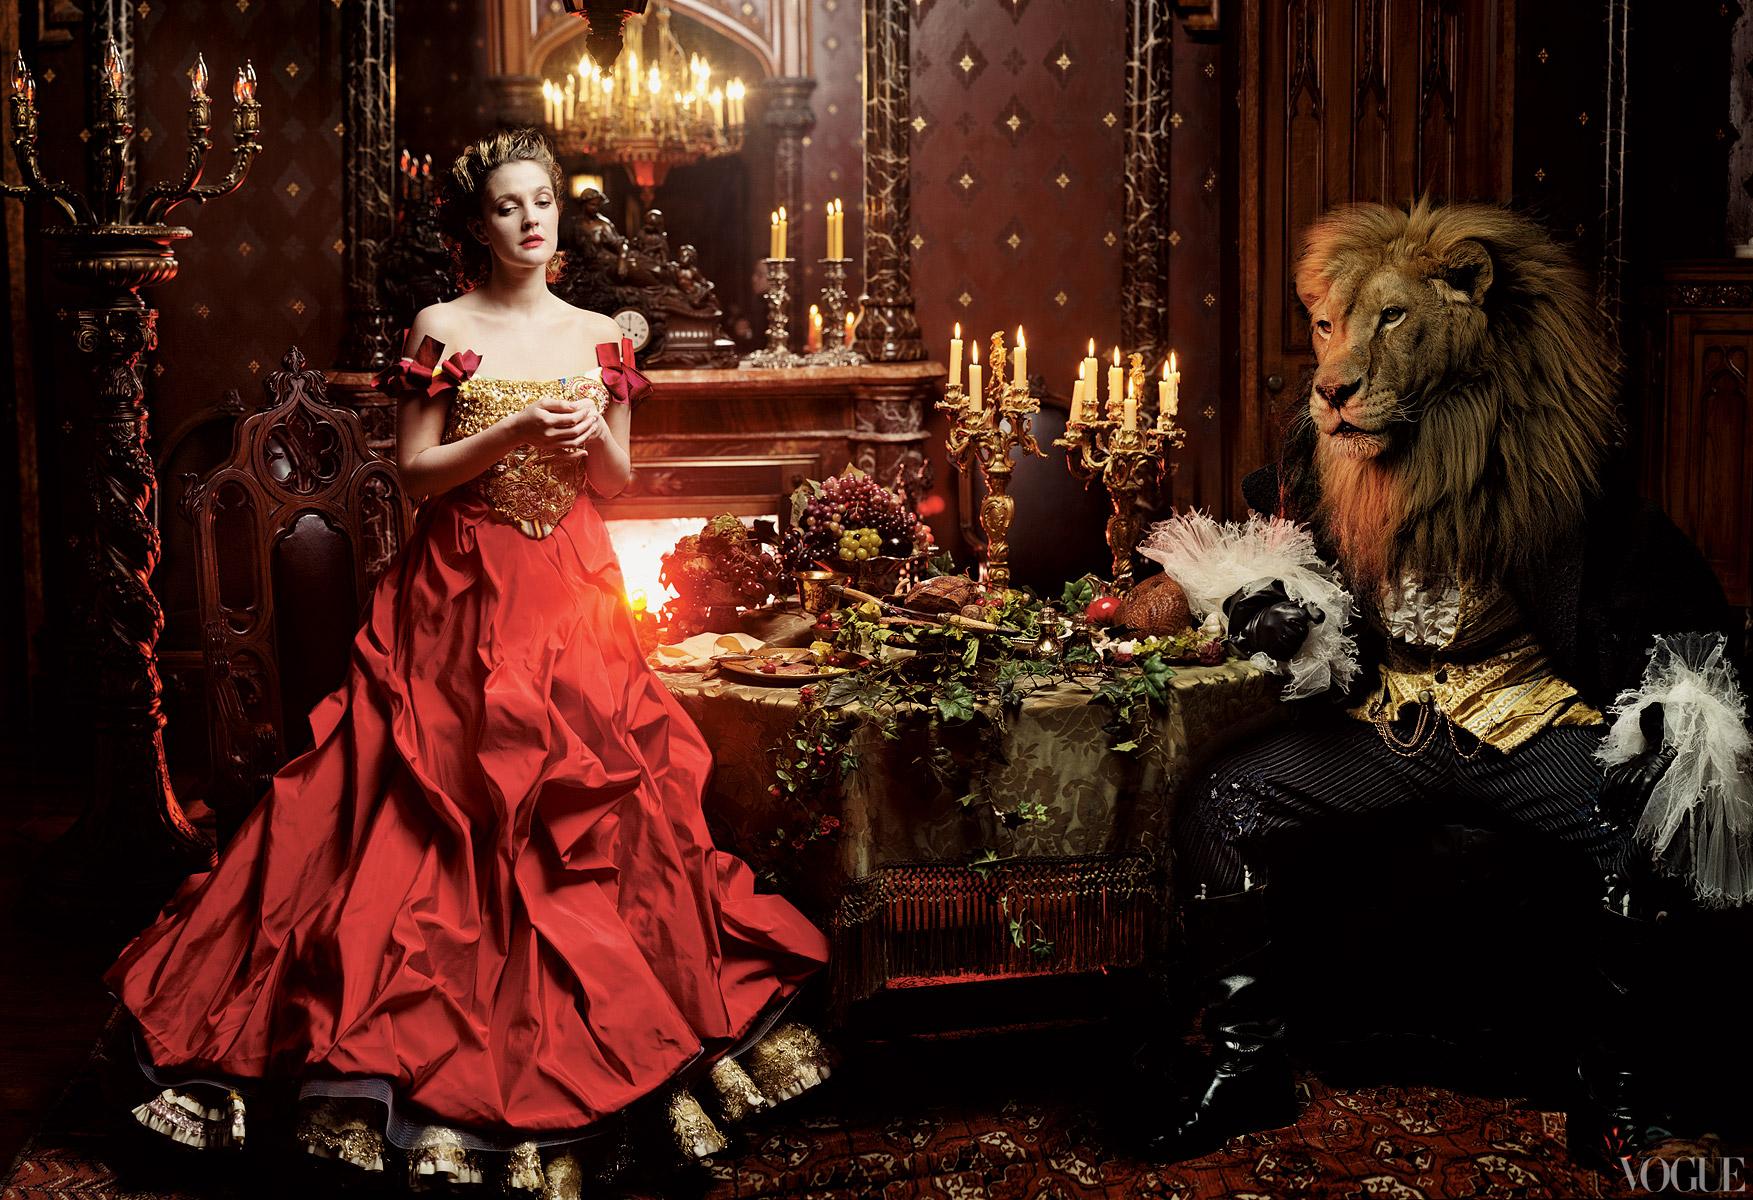 fairy-tales-2005-04-annie-leibovitz-1_173846979942